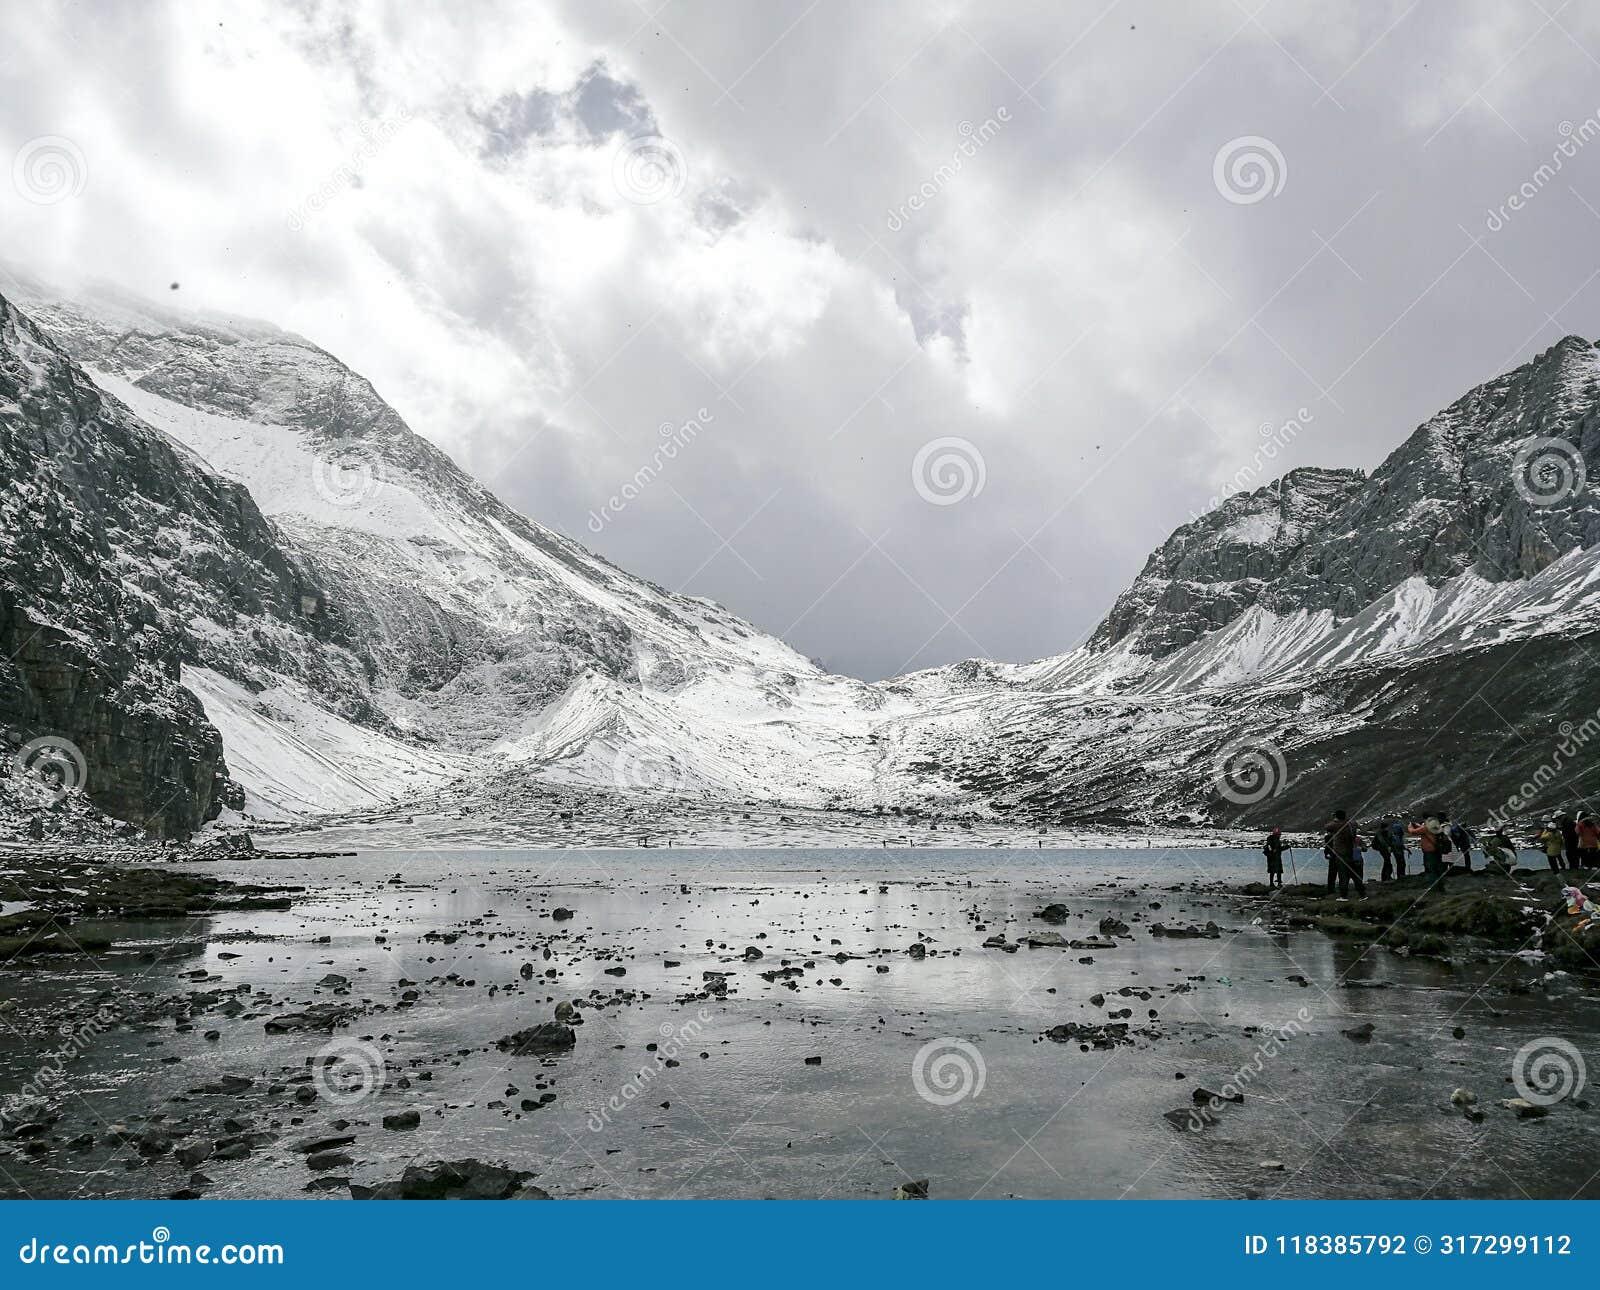 Montagne de neige sur le plateau